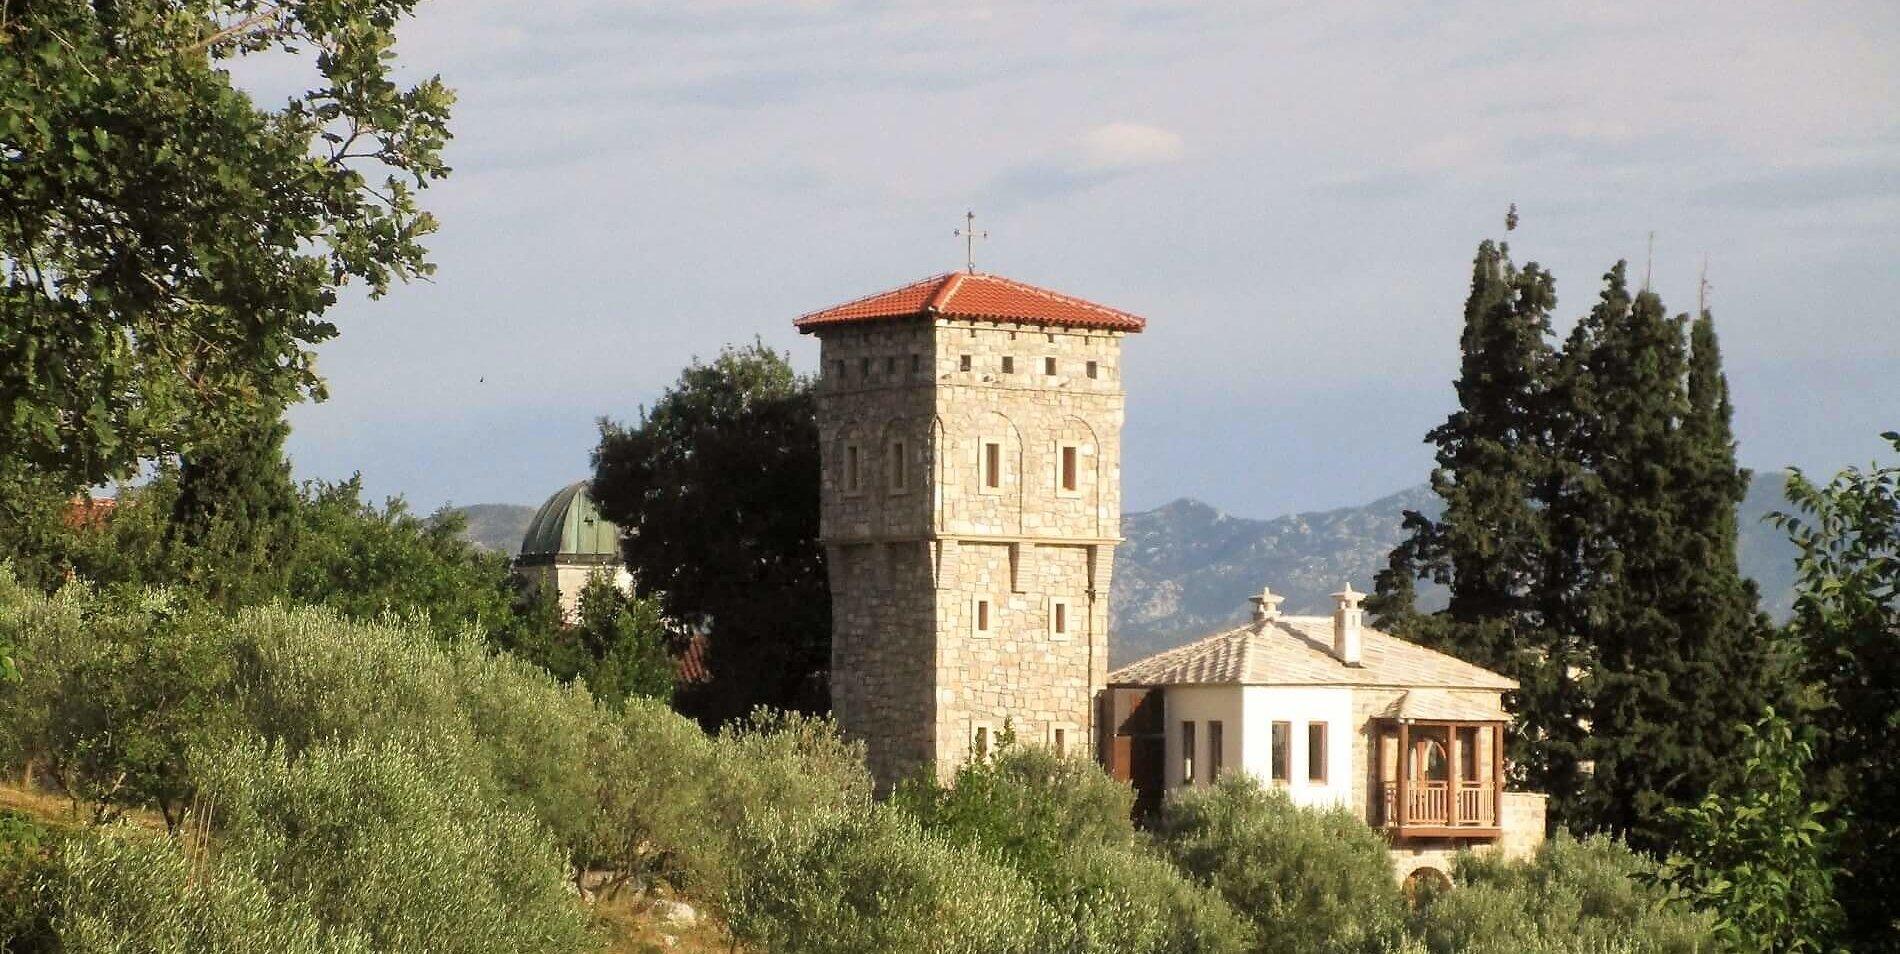 manastir, tvrdos, naslovna